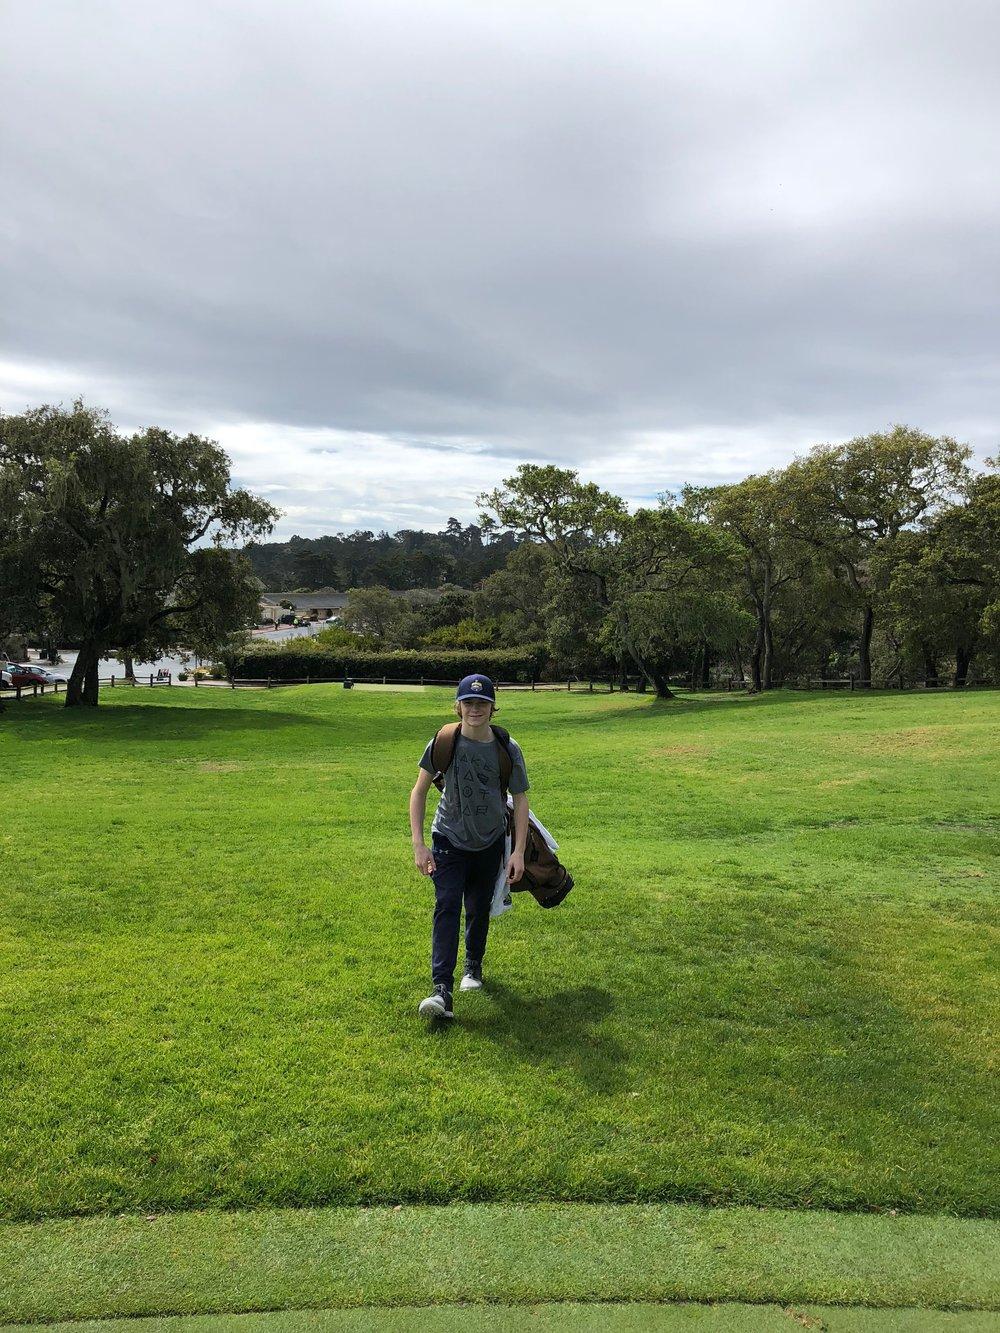 Enjoying the walk